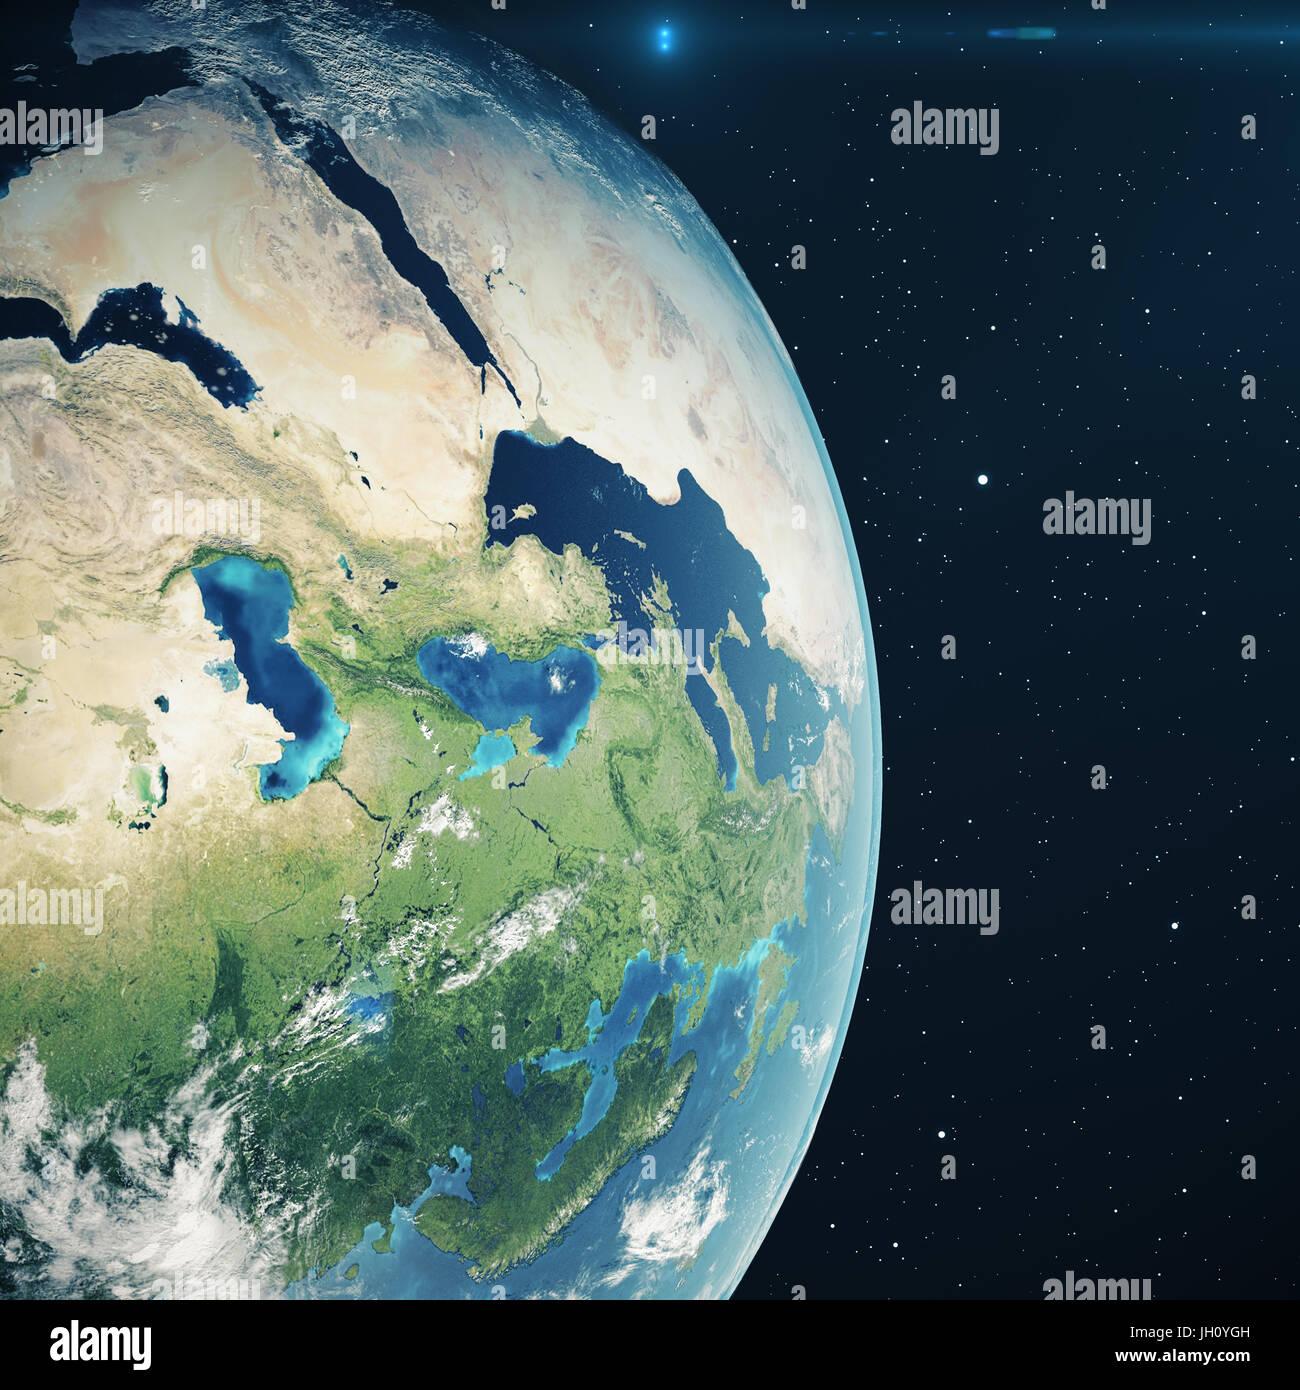 Entzückend Weltkugel 3d Das Beste Von Rendering Erde Aus Dem Weltraum In Der